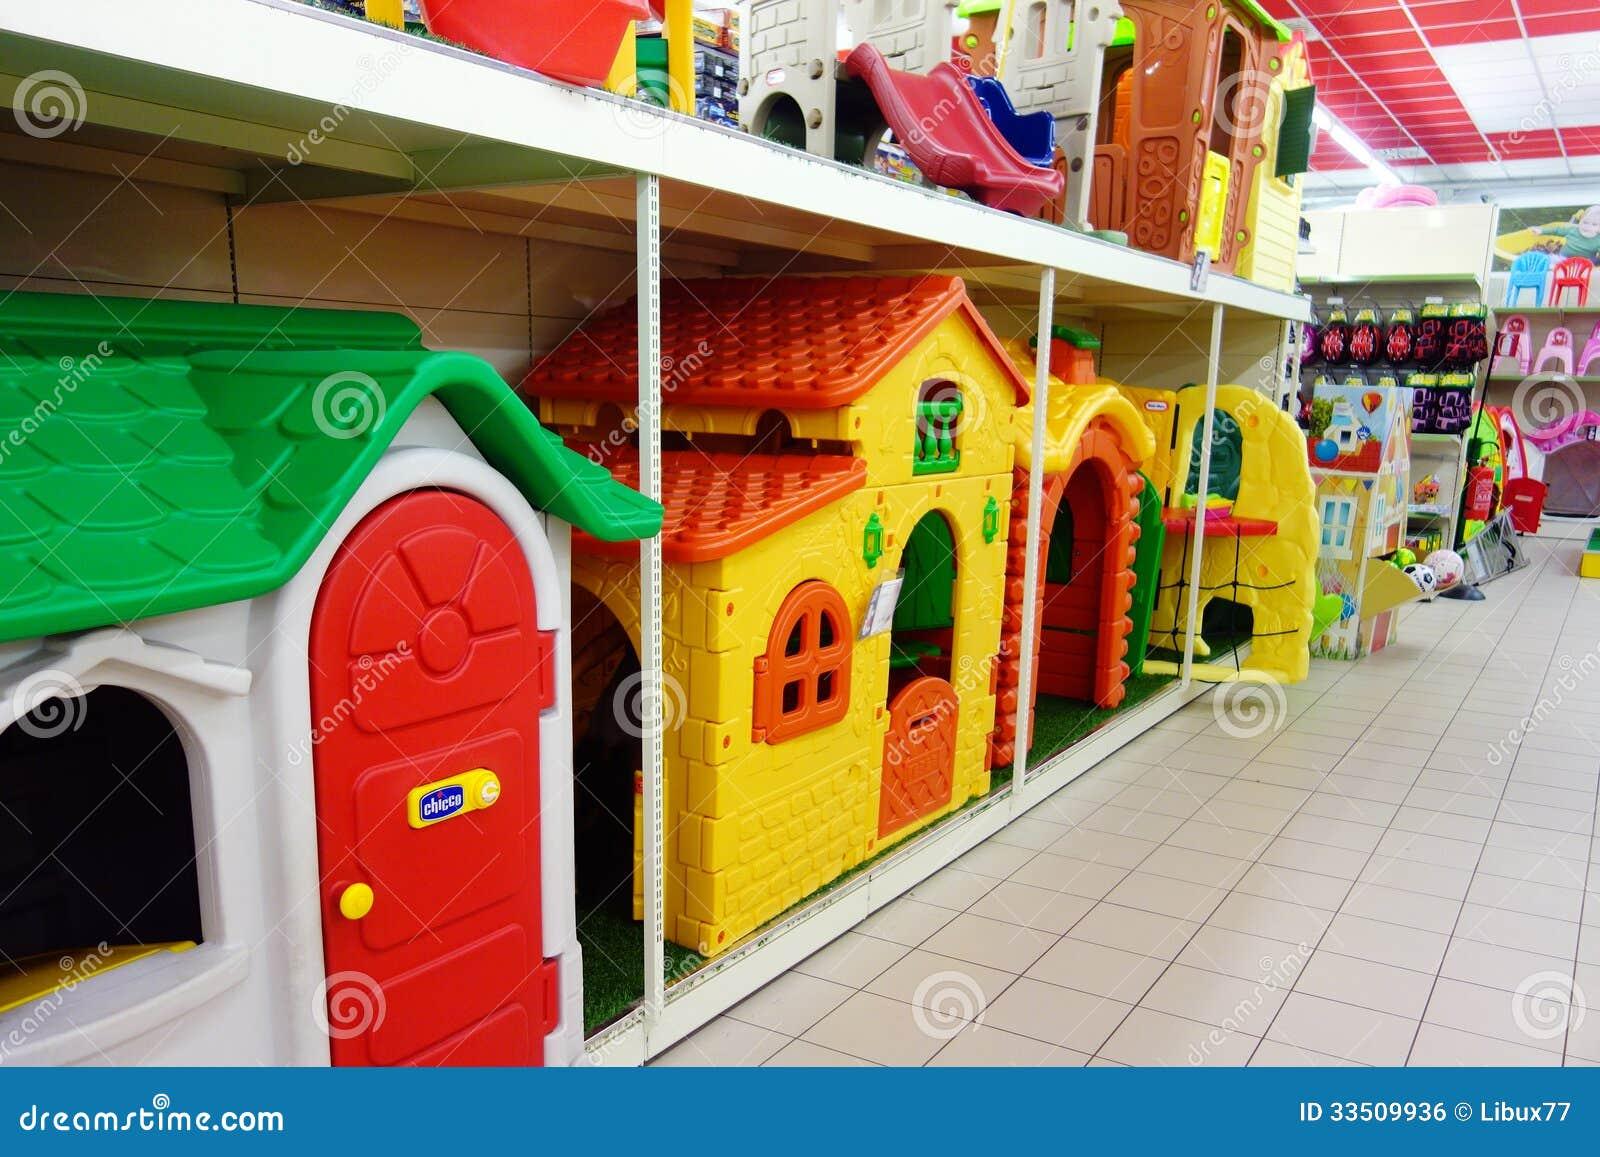 Jouets d 39 enfants pour la boutique de jardin photo for Casas de juguete para jardin baratas